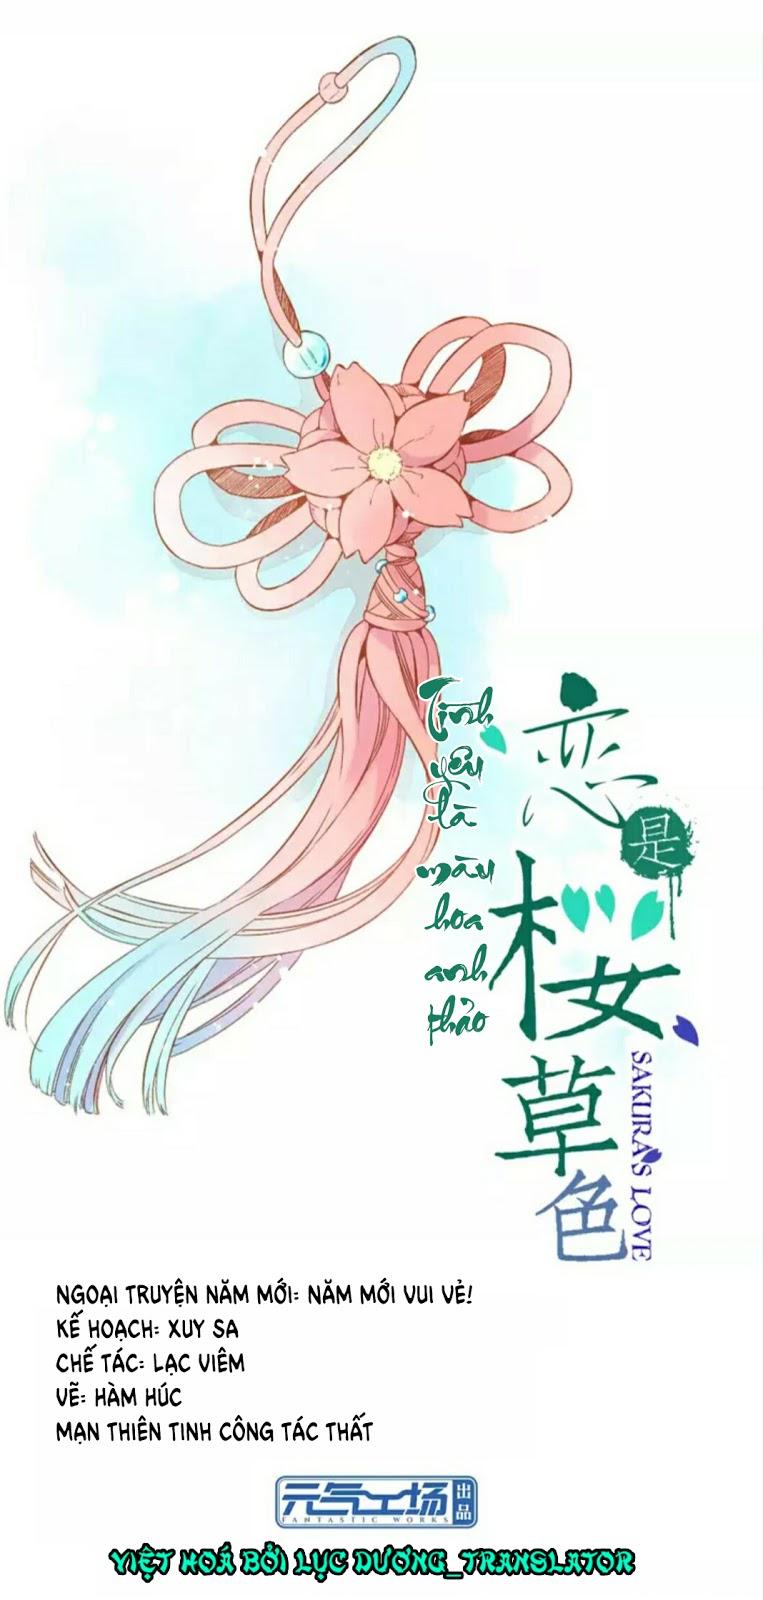 Tình yêu là màu hoa anh thảo [Ngoại truyện năm mới]